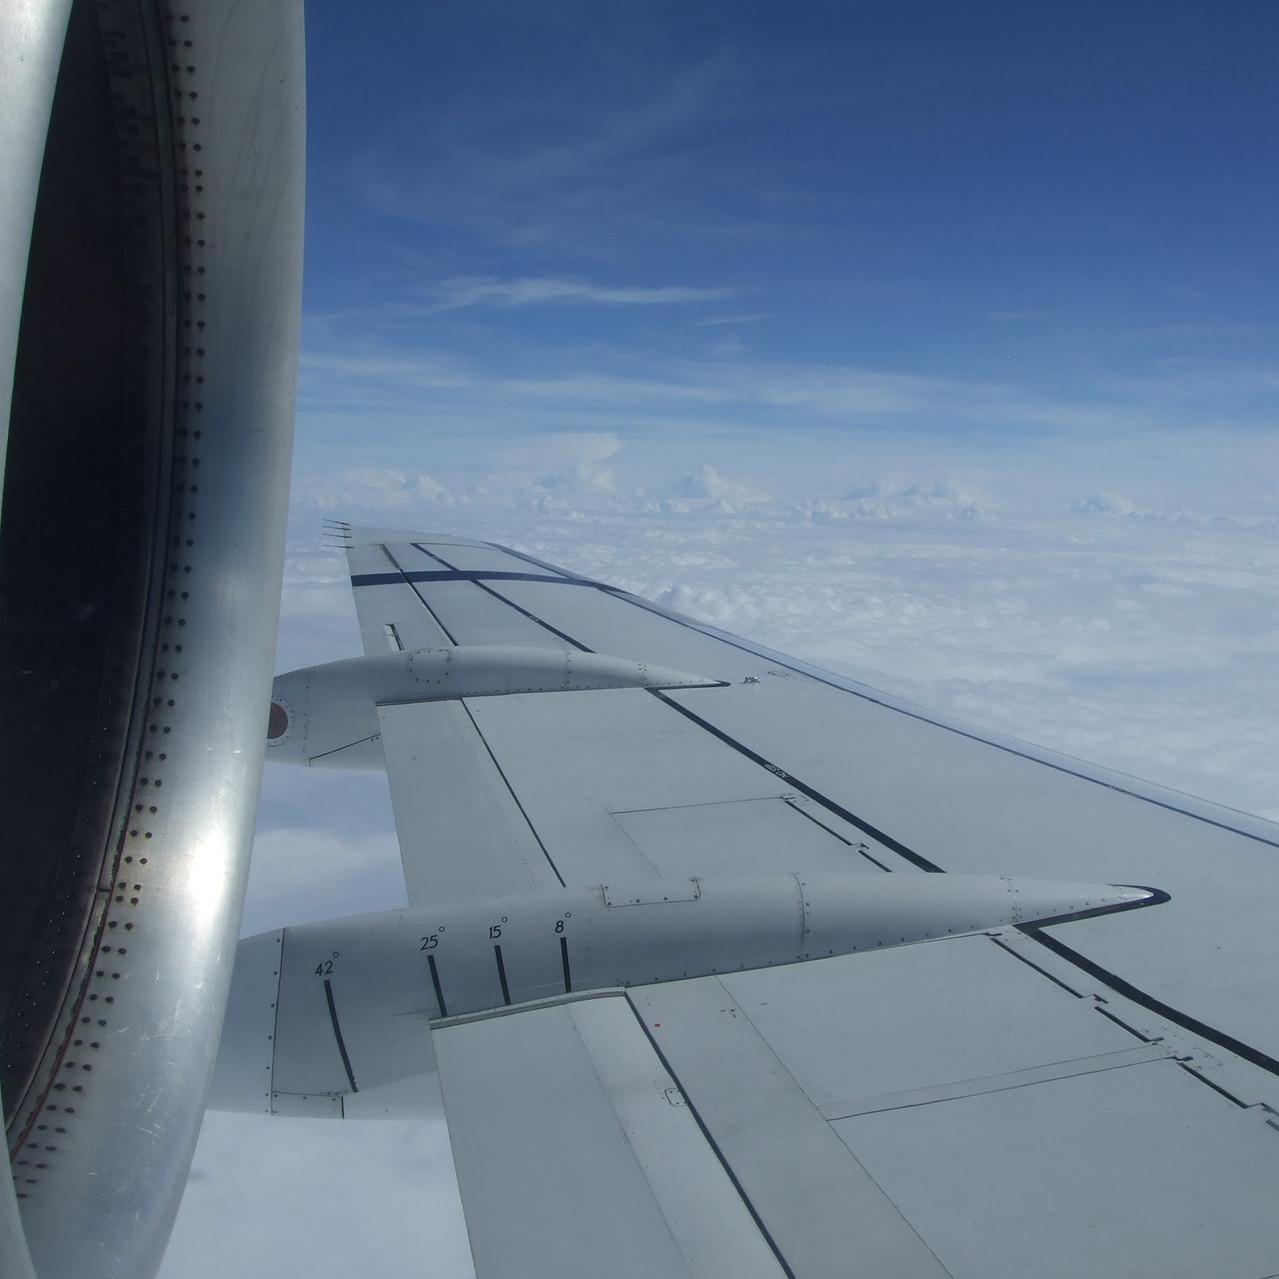 007_en route on a Fokker